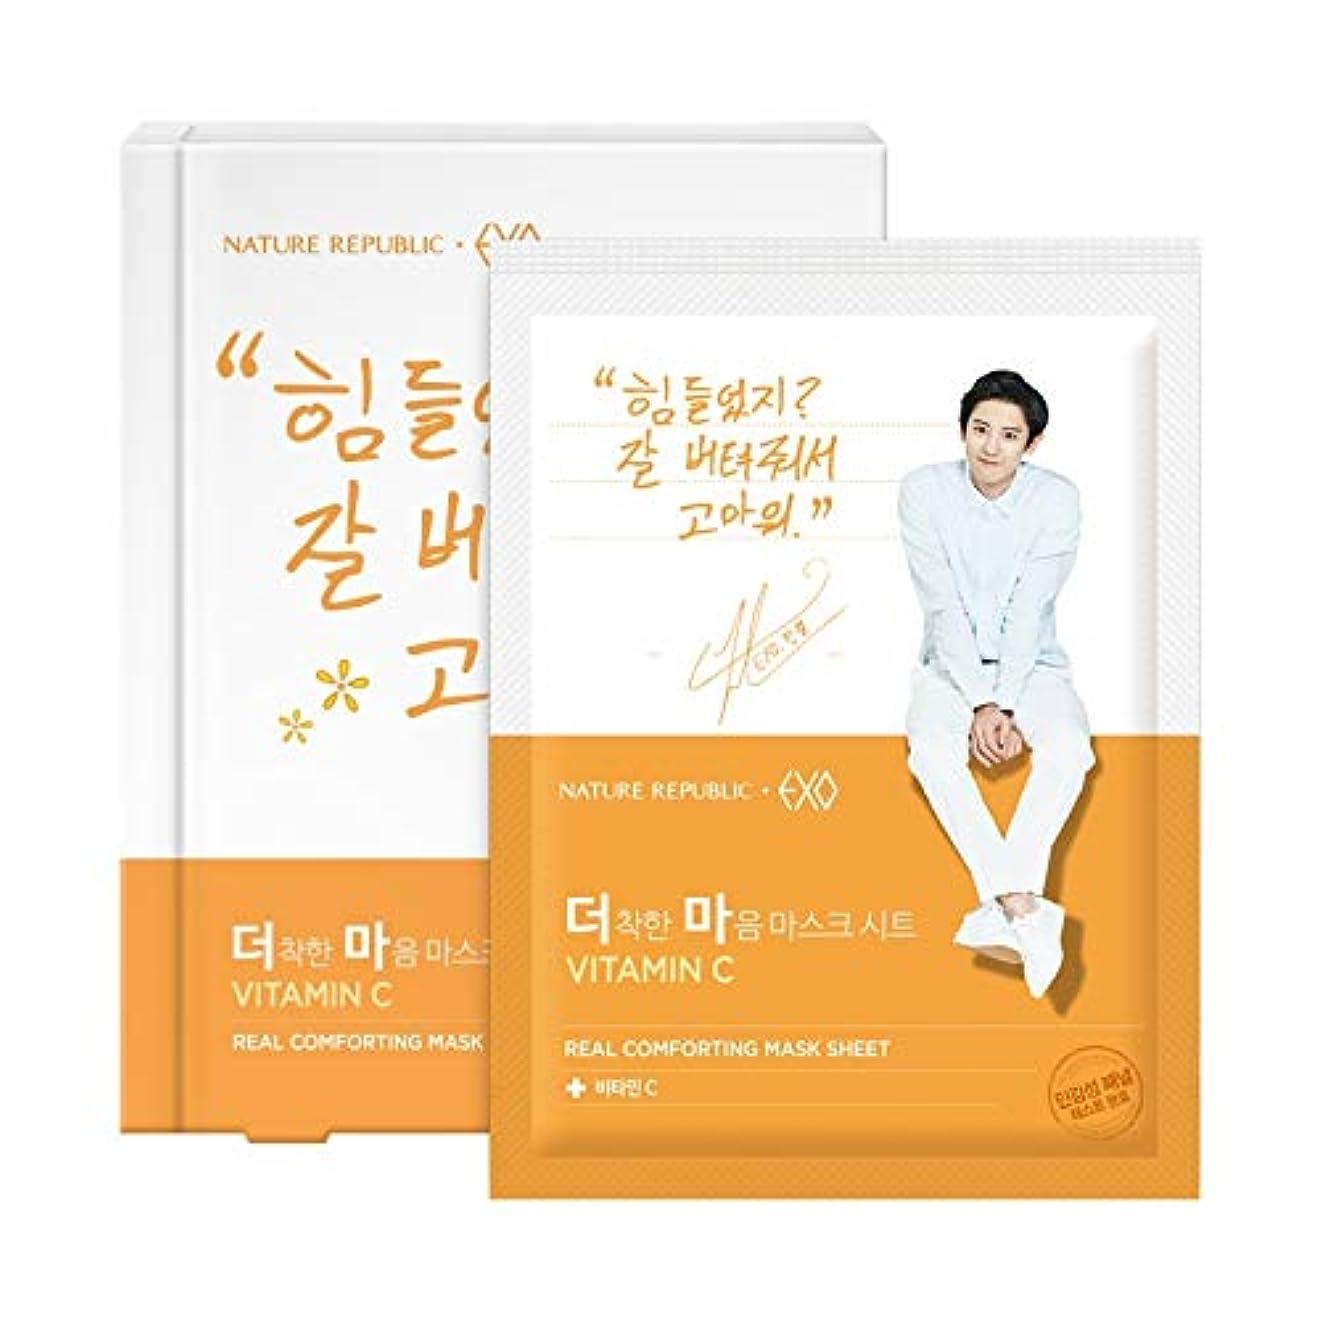 プロフェッショナルレンチペレットネイチャーリパブリック(Nature Republic)[Exo Edition]より優しい心マスクシート(チャニョル) (ビタミンC) 24g*5 / [Exo Edition] More good heart mask sheet Vitamin C (Park Chan-yeol) 24g * 5 :: 韓国コスメ [並行輸入品]